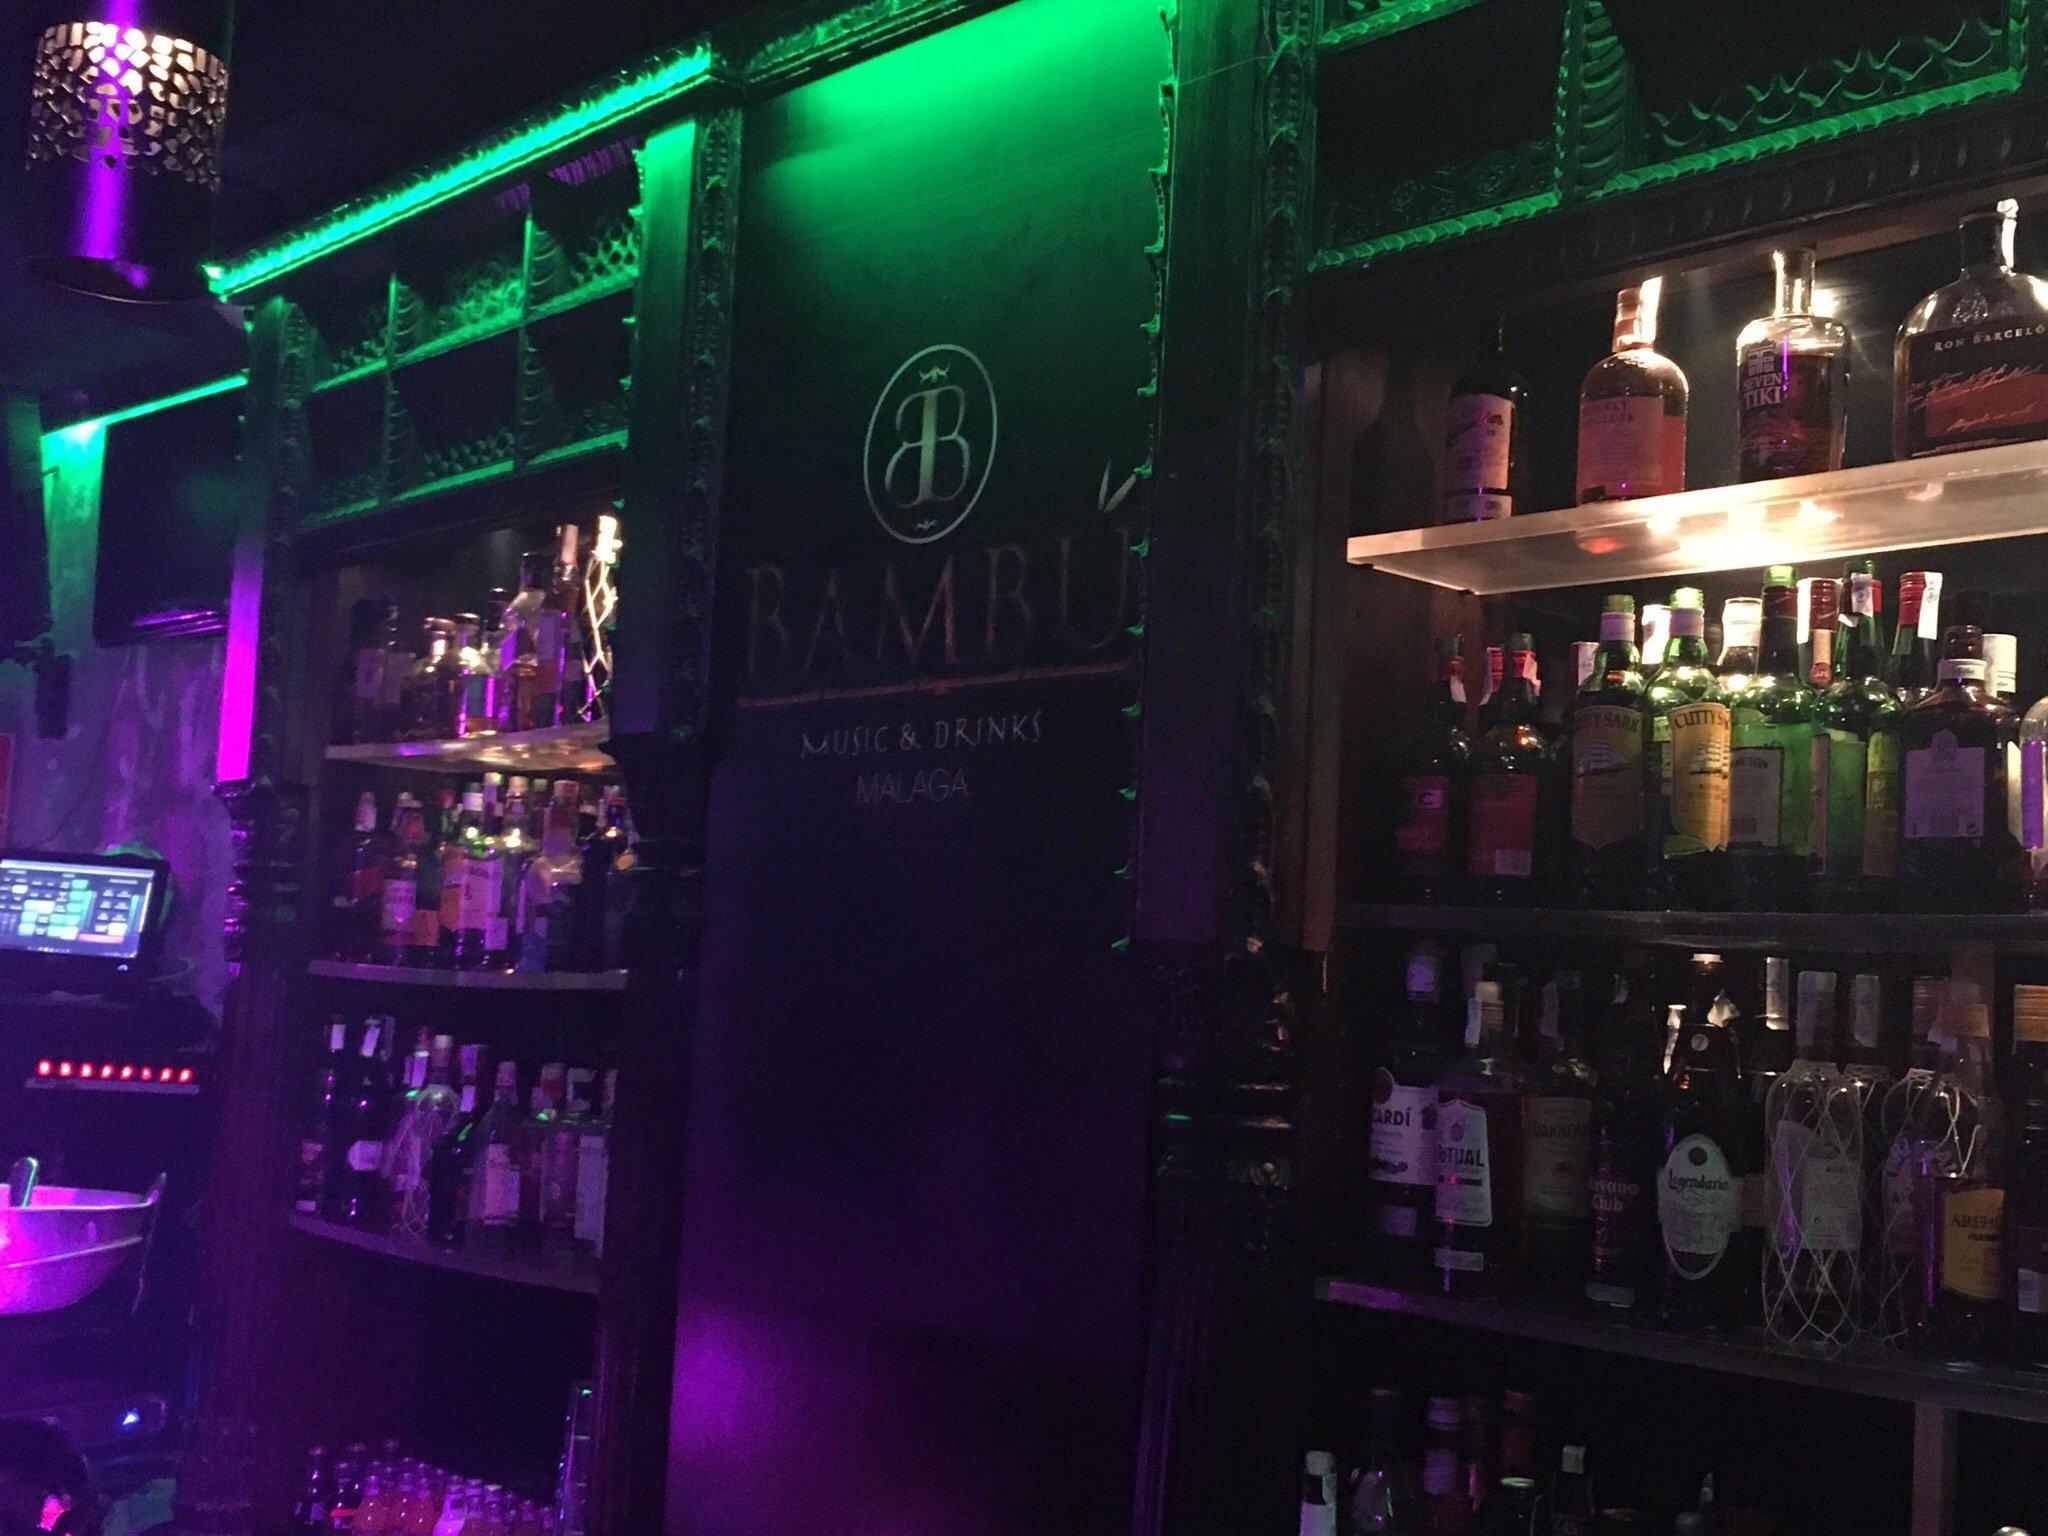 Bambú Music & Drinks Bambú Music & Drinks Calle Sta. Lucía, 11, 29008 Málaga, España